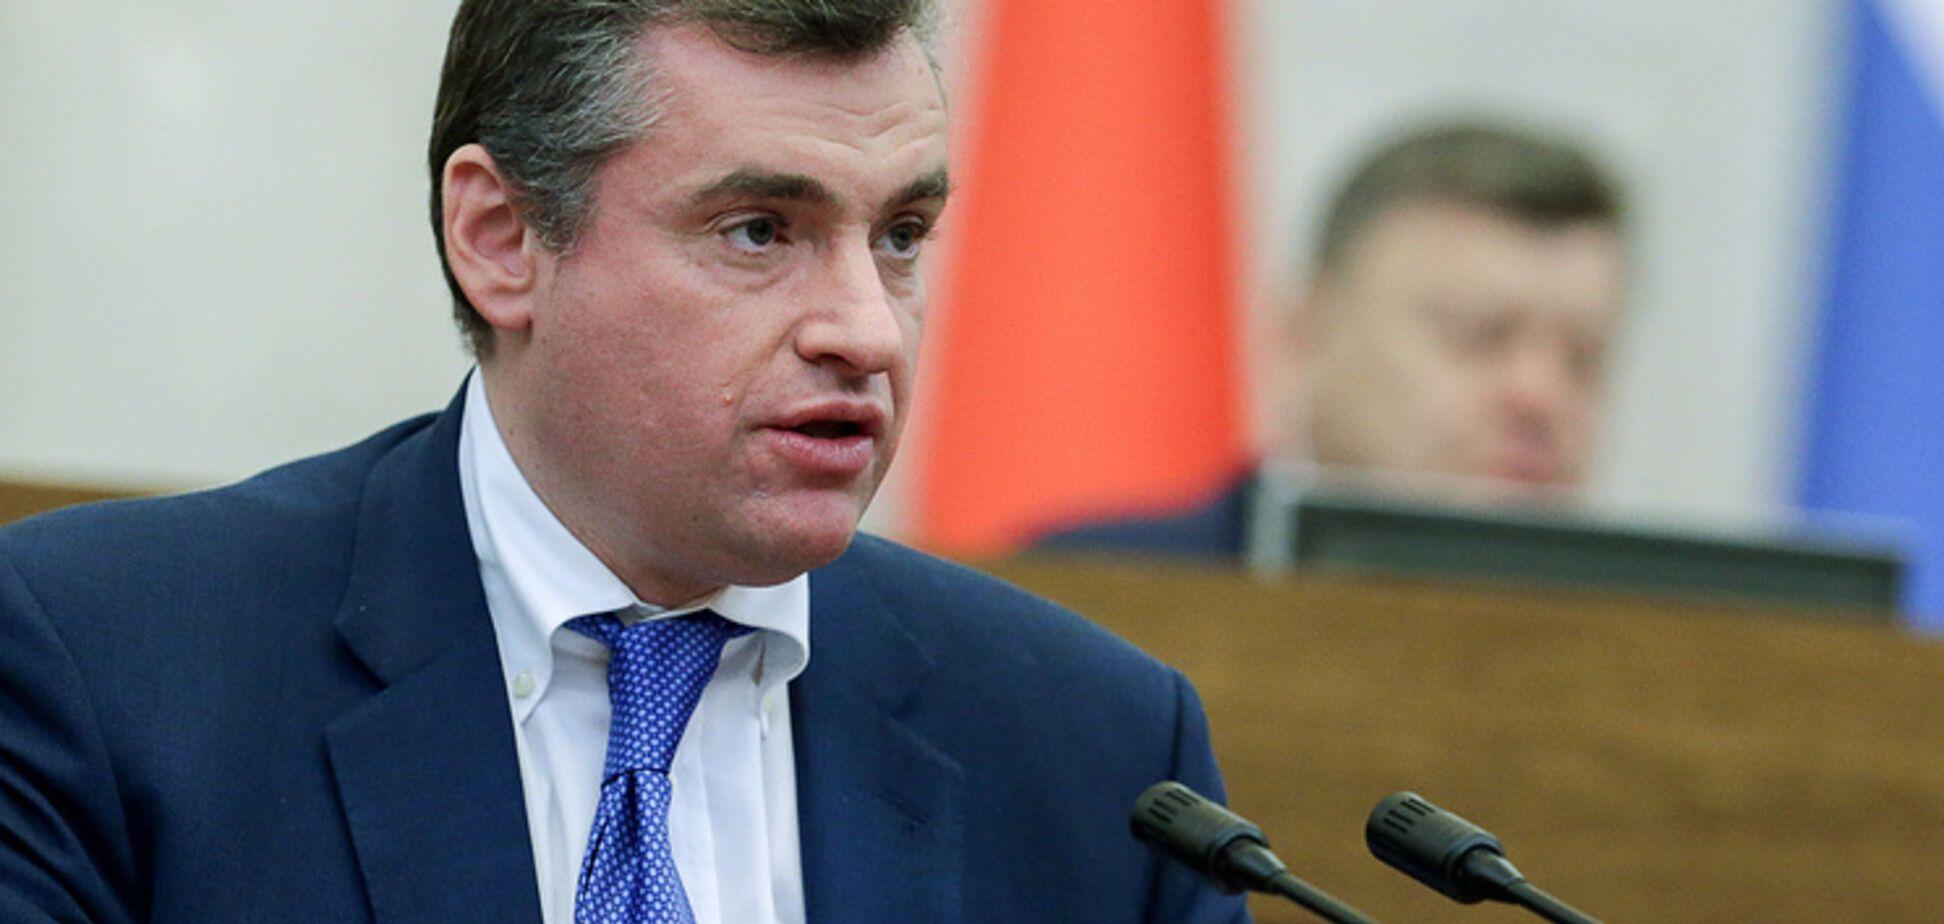 Фігурант сексуального скандалу в Росії залишиться працювати в Держдумі - думка